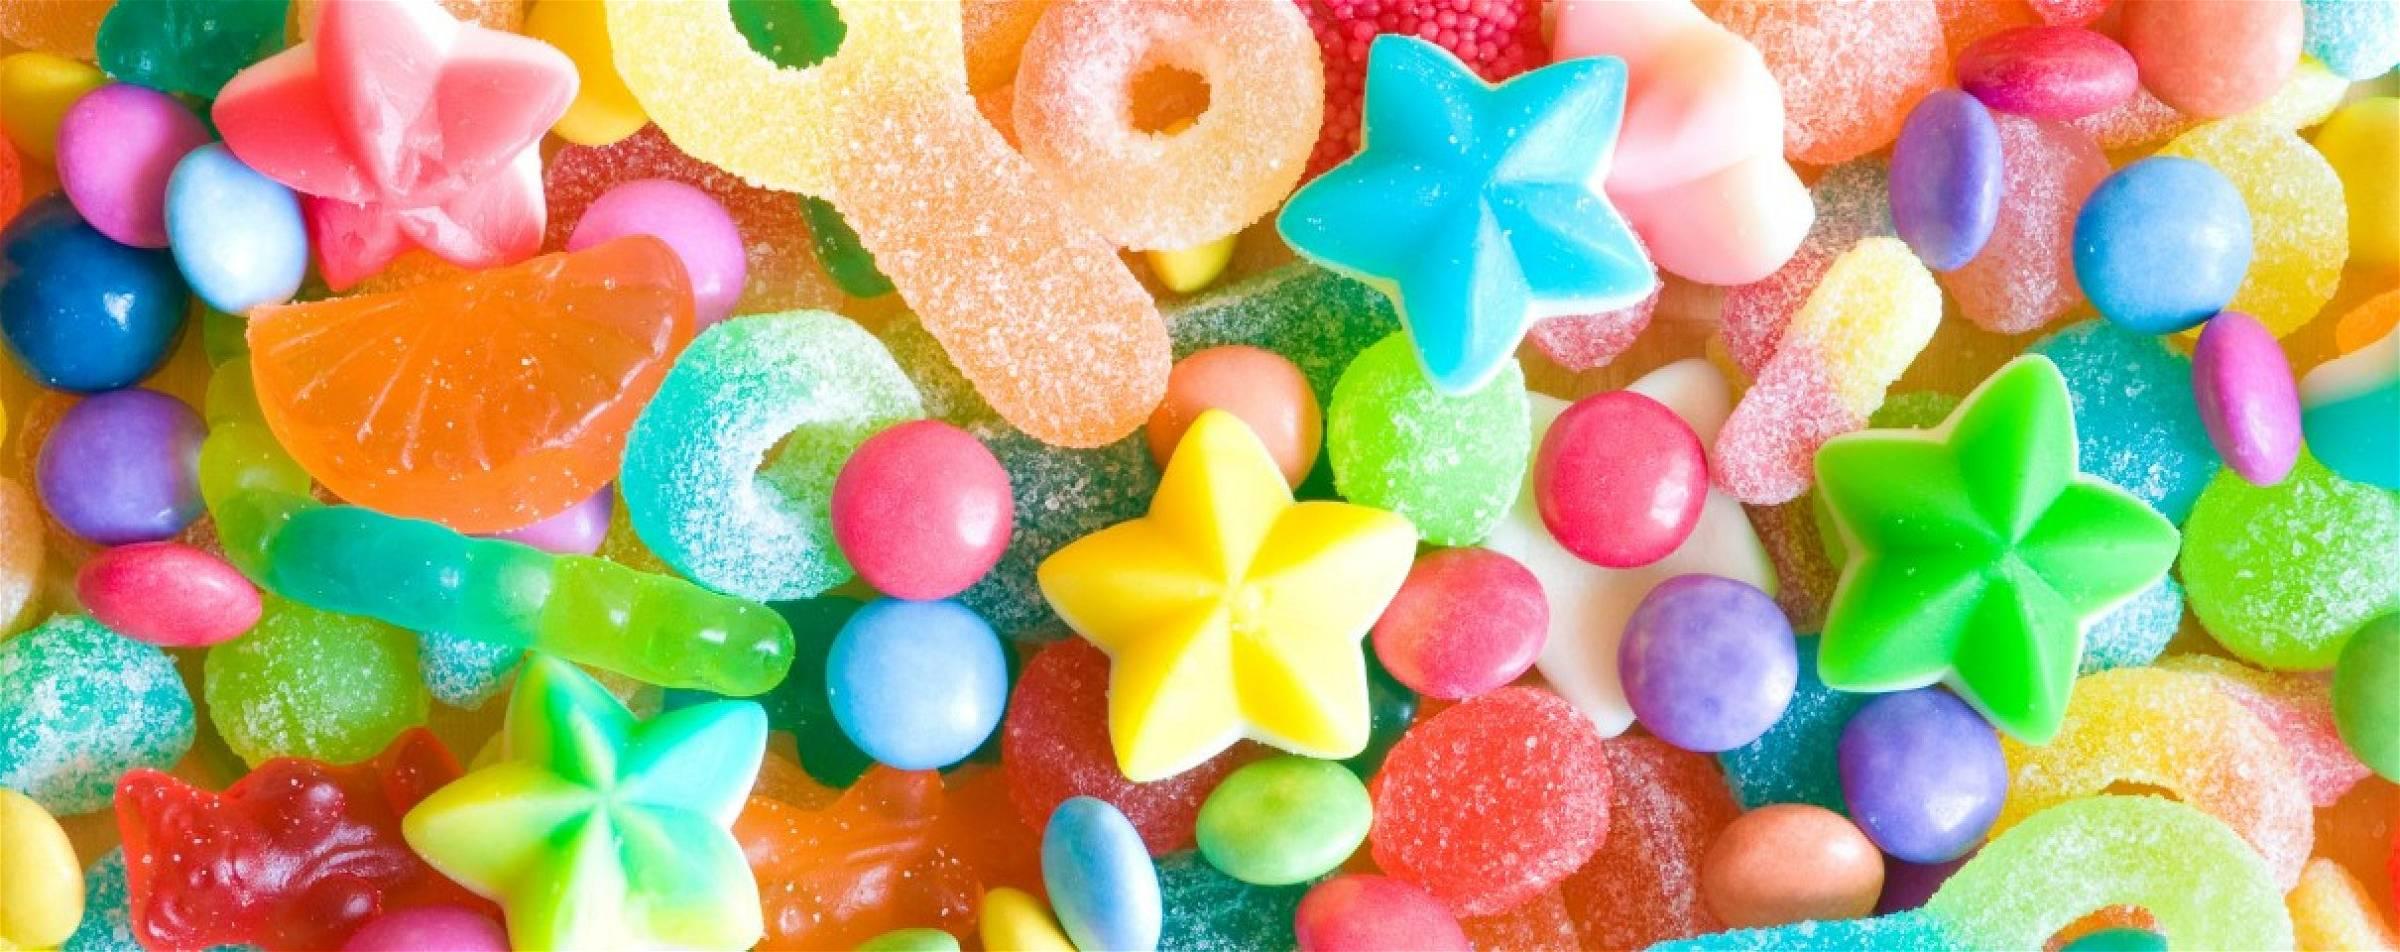 Gezond snoepen zoals snoepjes zonder suiker zijn een goed alternatief